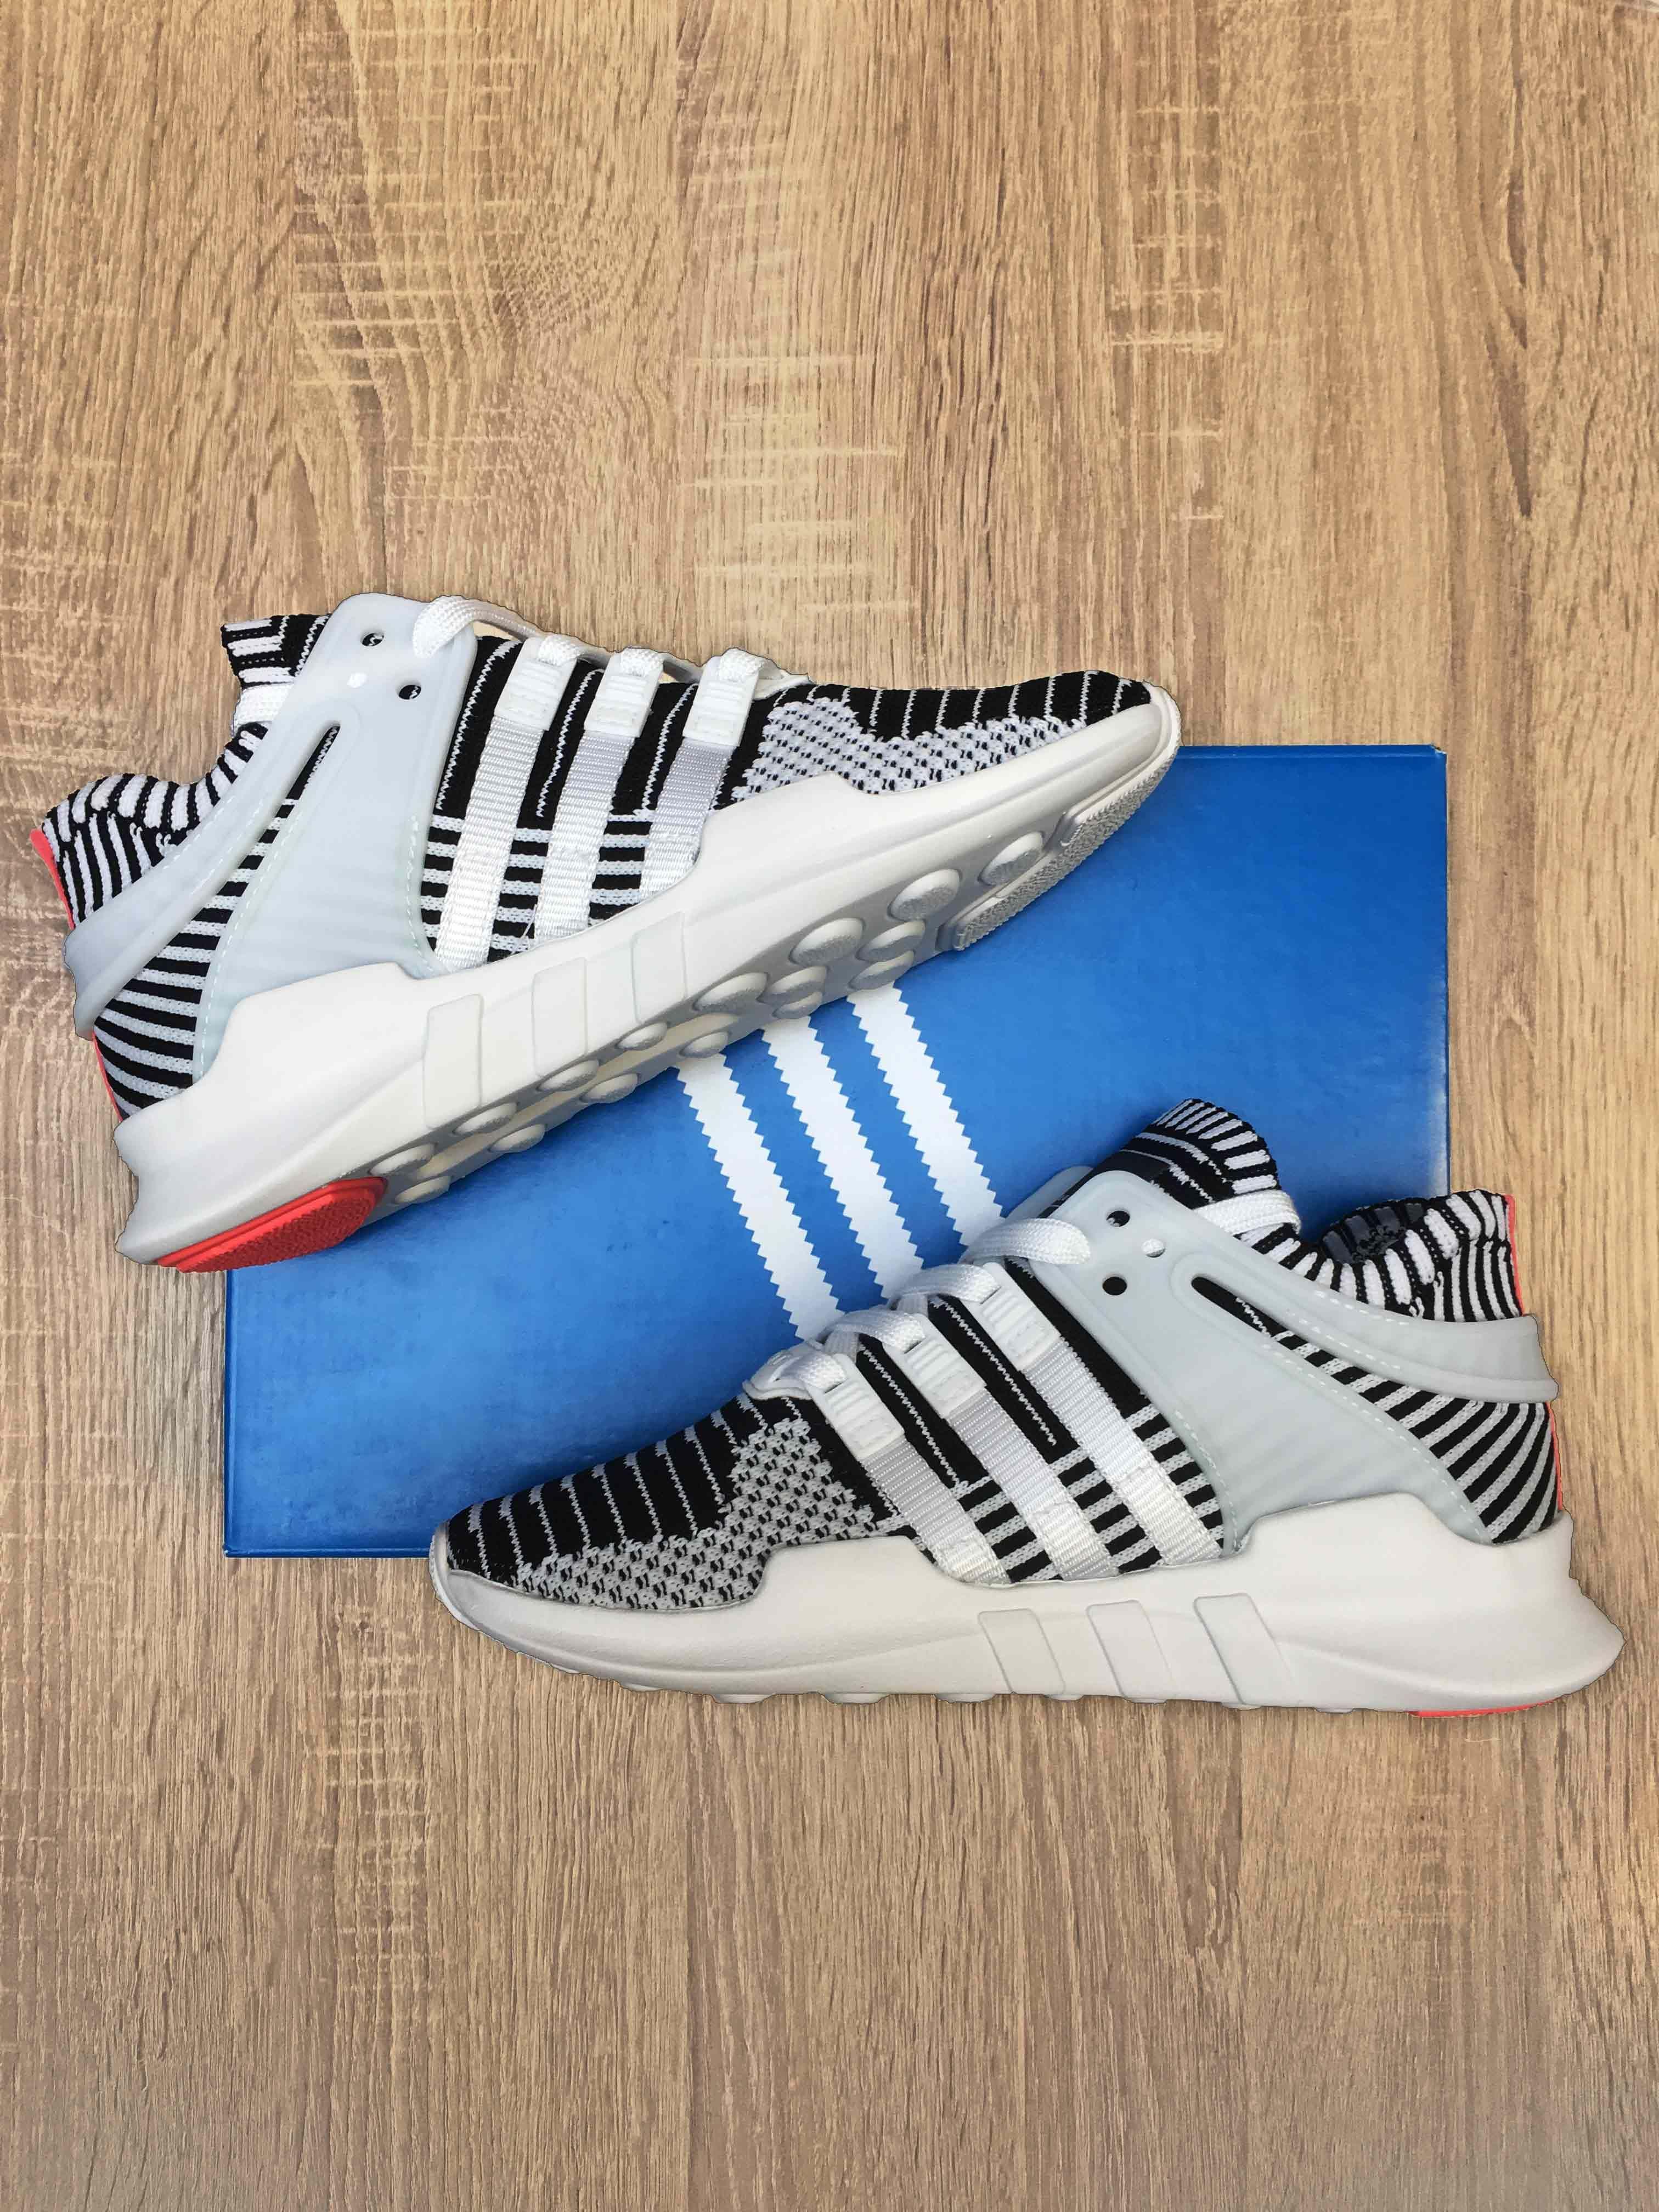 quality design d05bb 70e03 adidas Originals EQT Support ADV Primeknit Sneaker Equipment ...